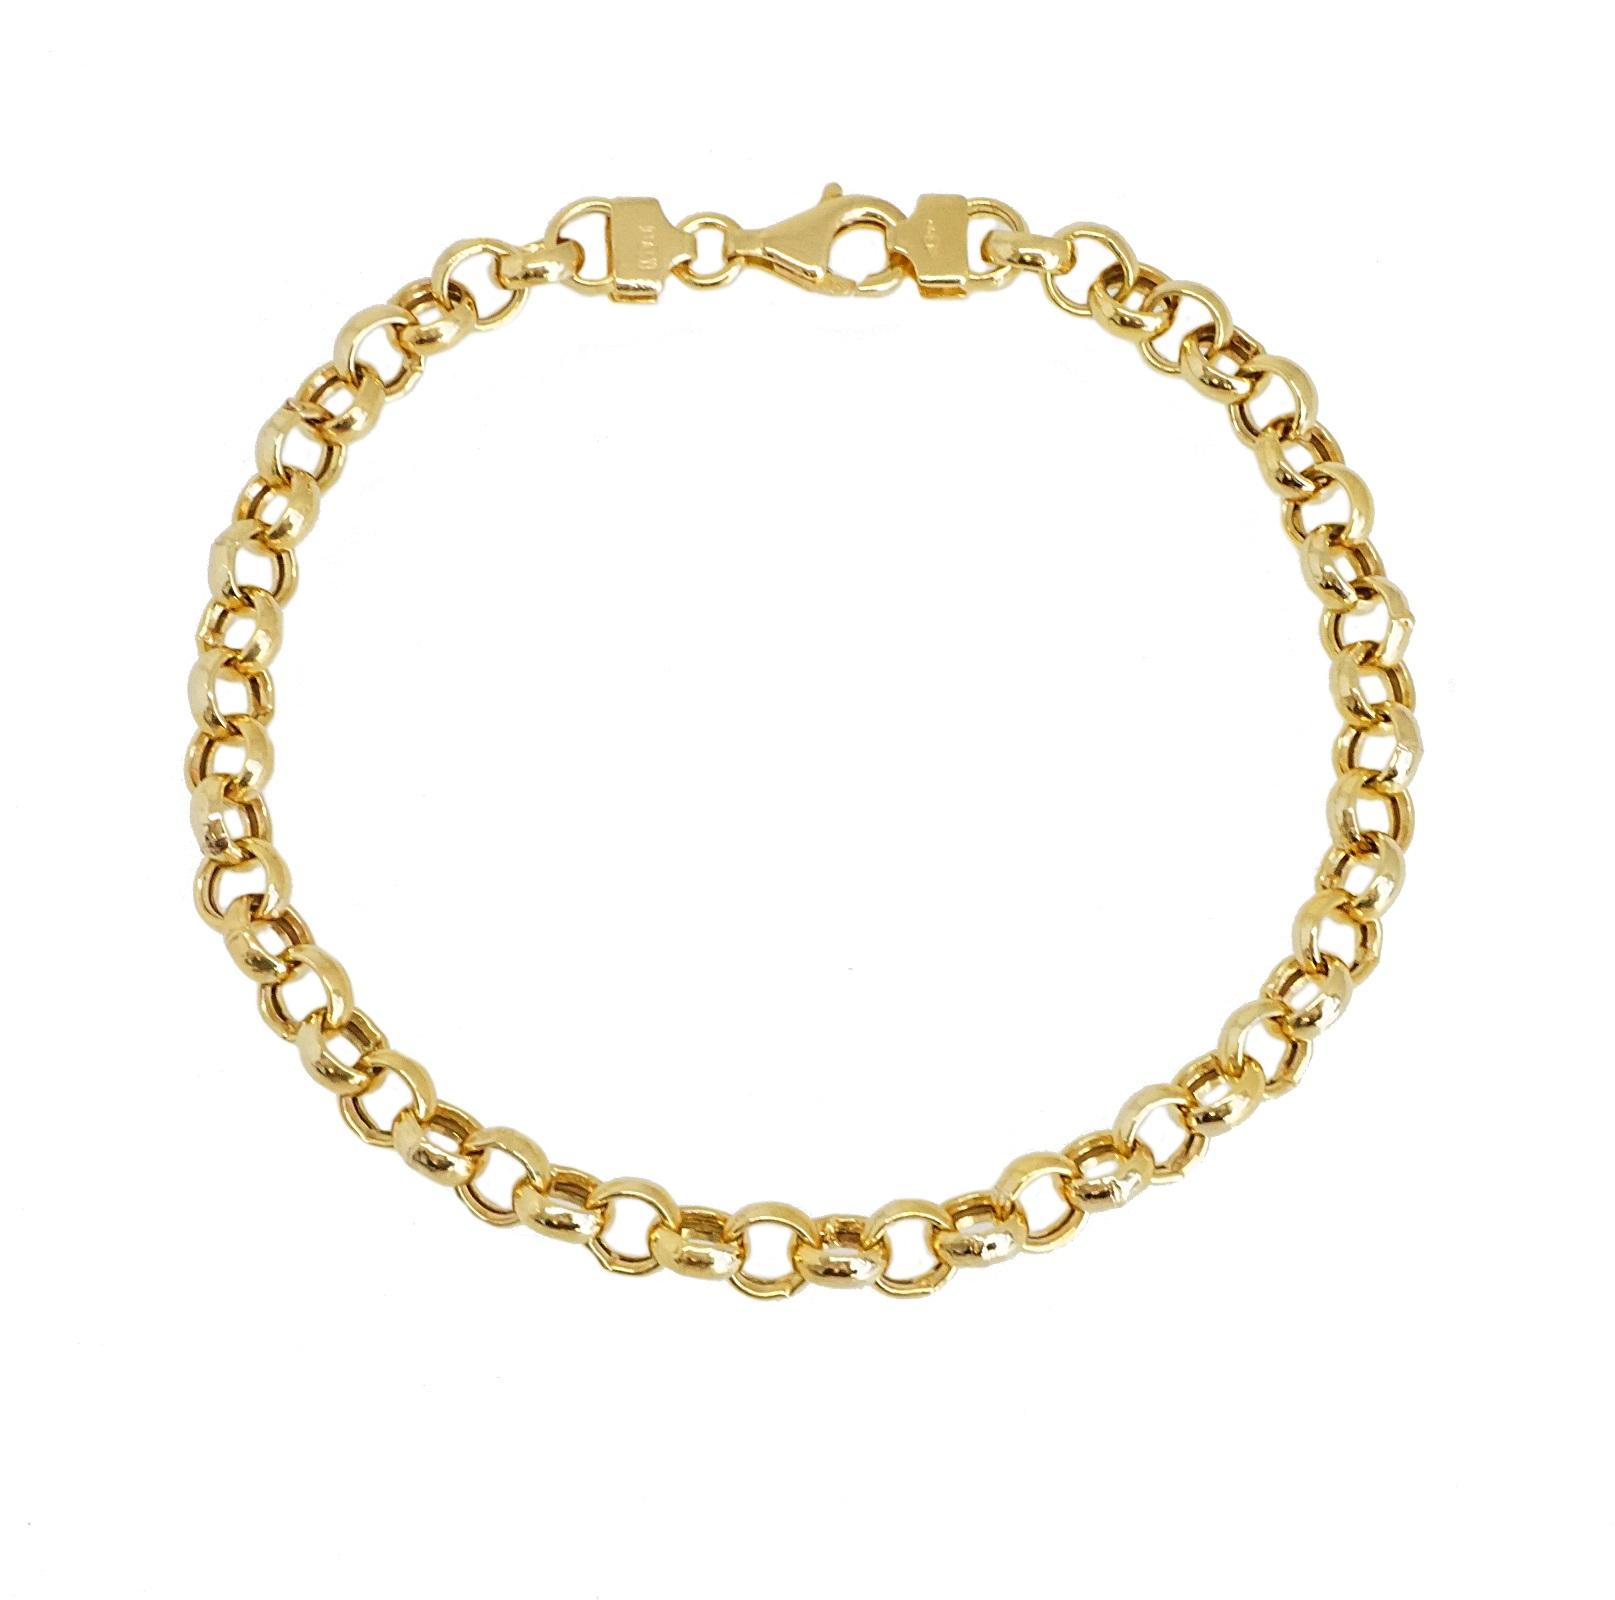 צמיד זהב חוליות לאישה מזהב 14 קאראט